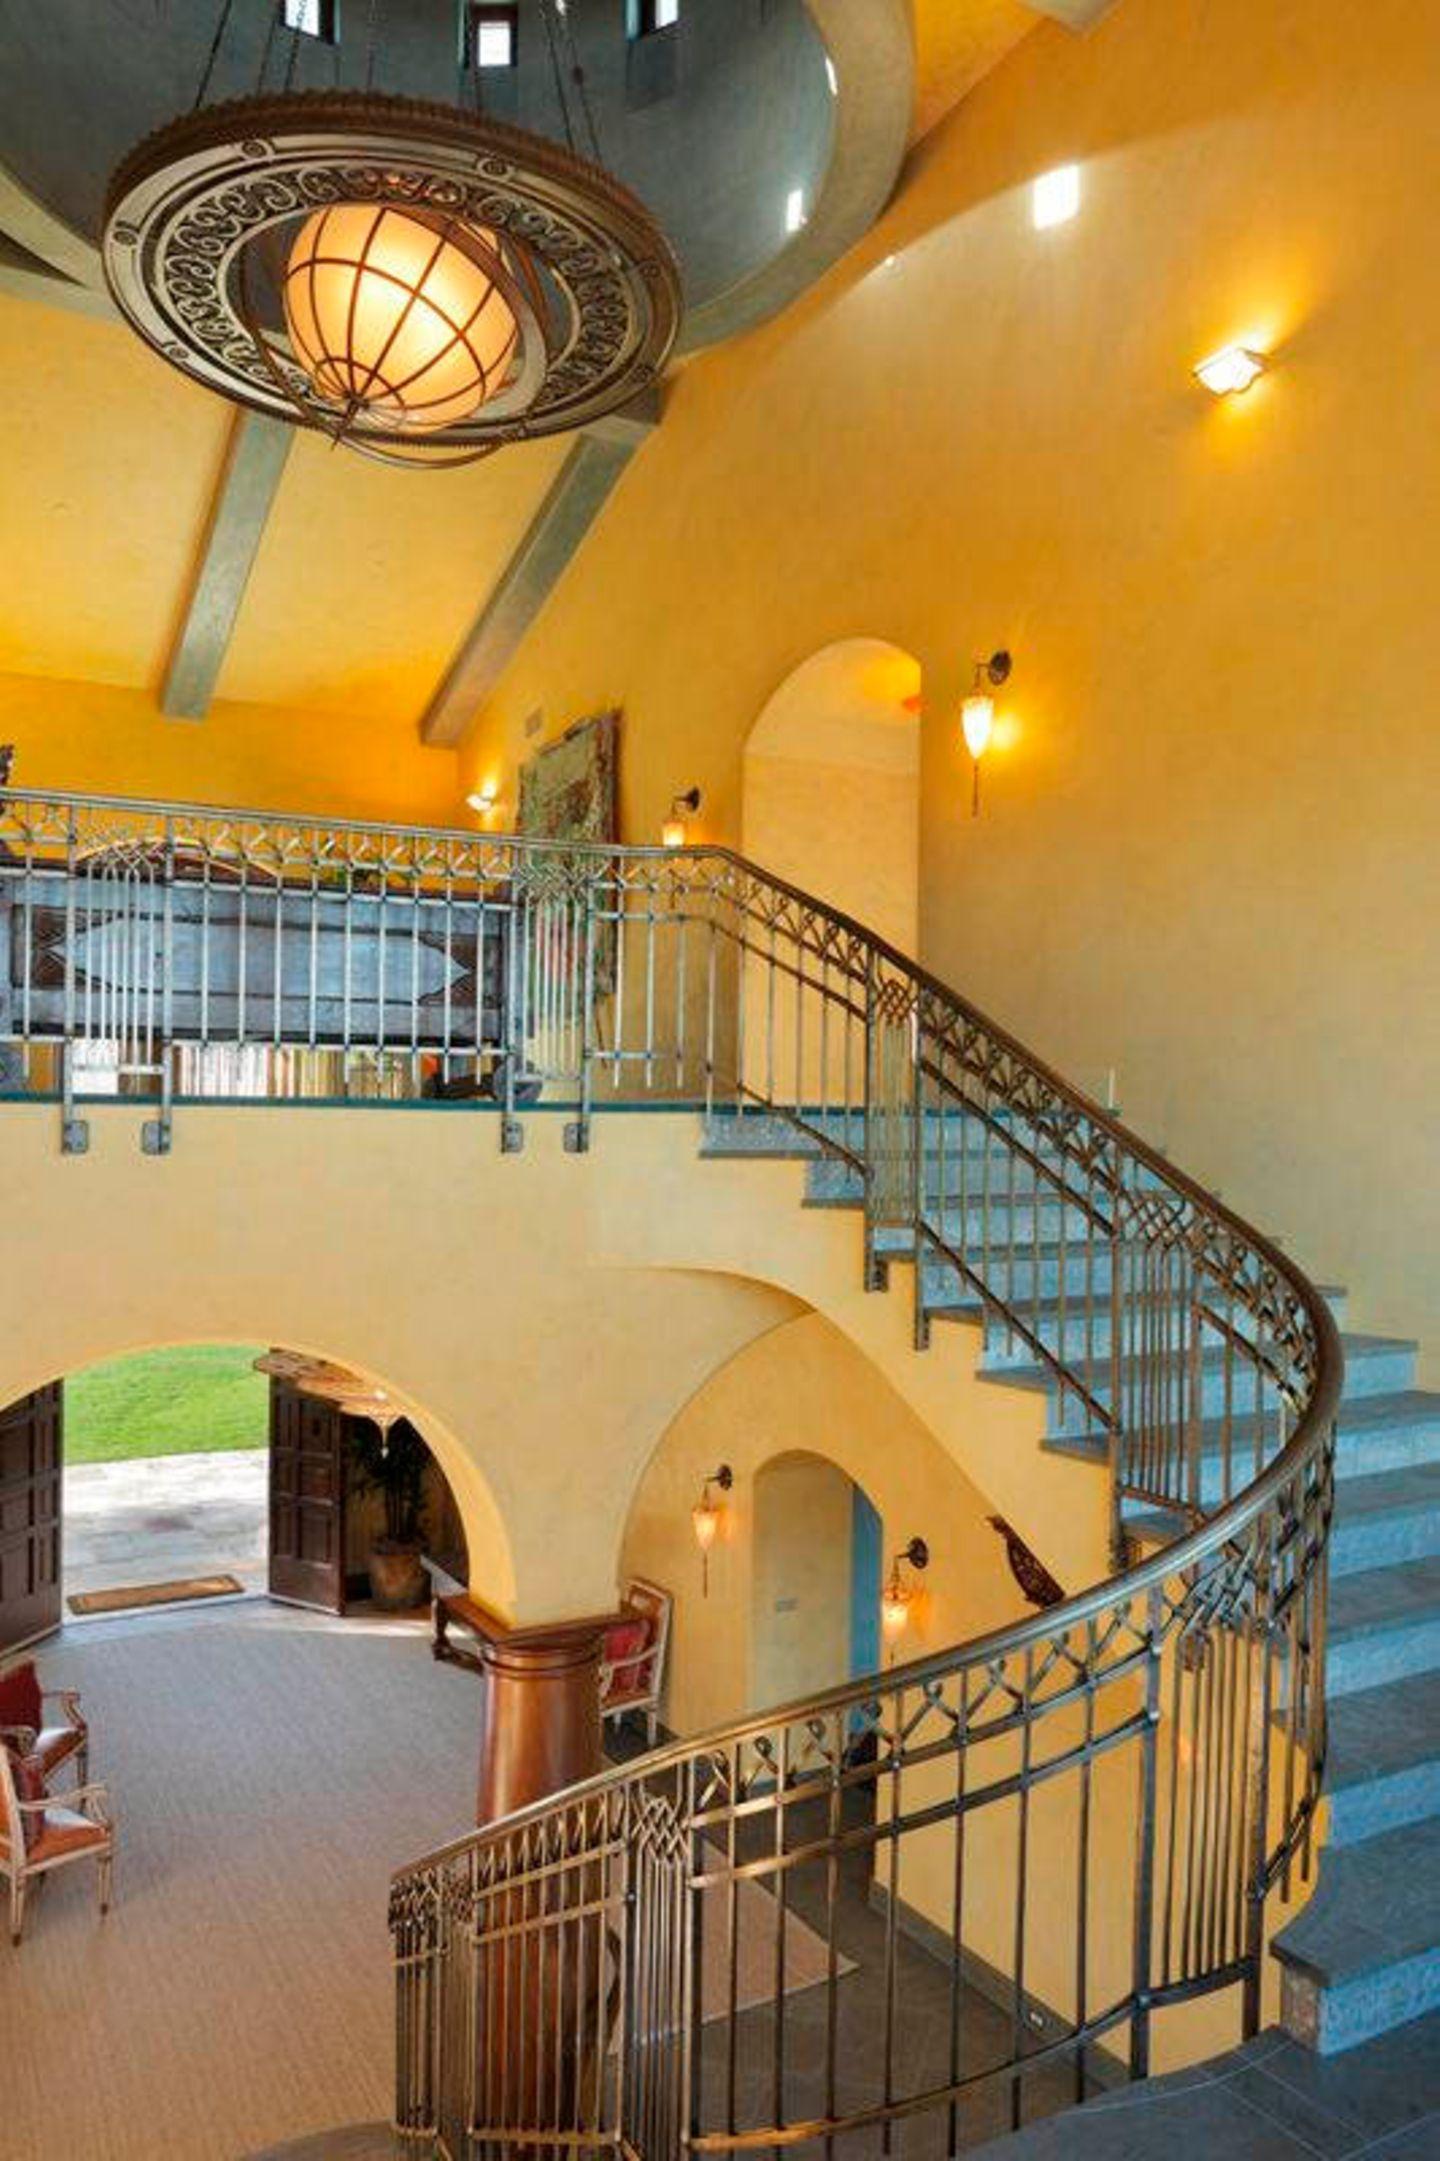 Robin Williams  Gebaut ist die Villa samt Nebengebäuden aus portugisischem Sandstein. Bleibt zu hoffen, dass bald ein Käufer gefunden wird!